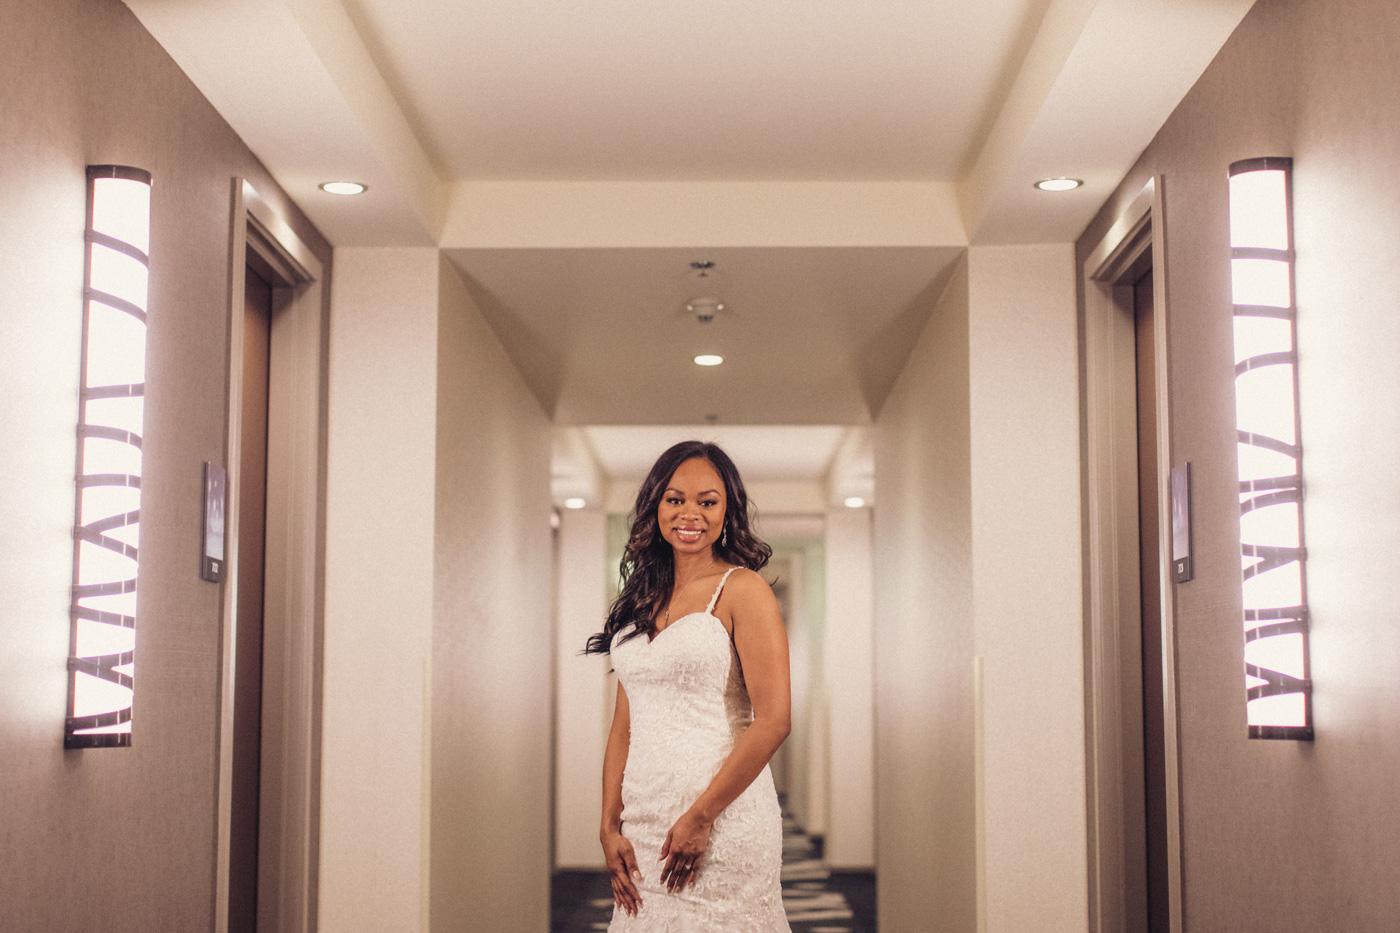 palomar-hotel-wedding-getting-ready-photos